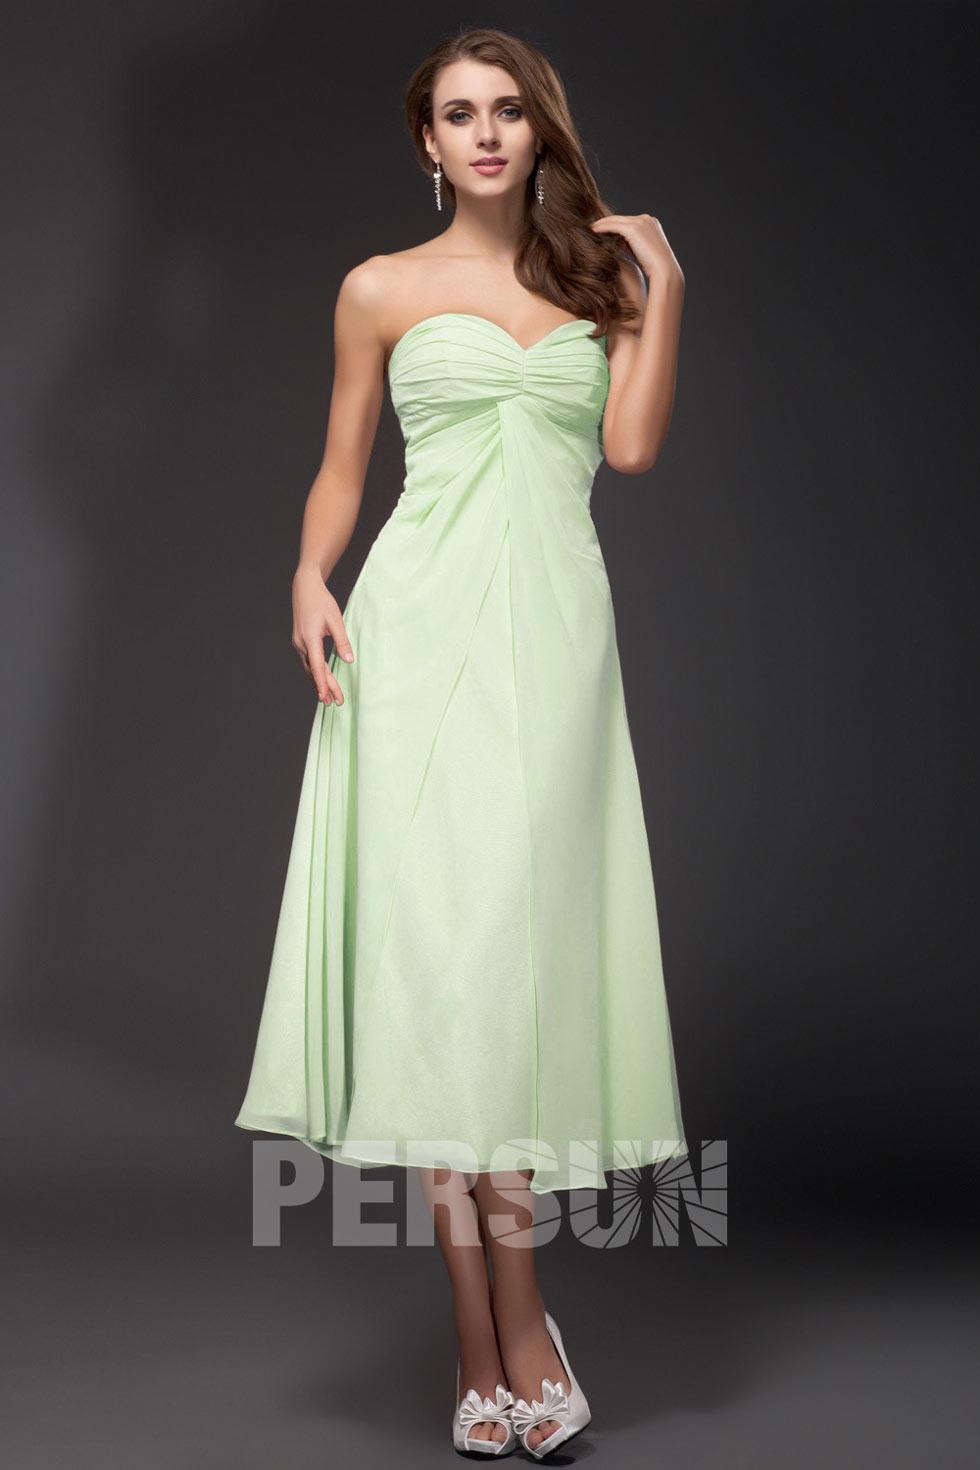 robe pastel longueur mollet pour la demoiselle d'honneur